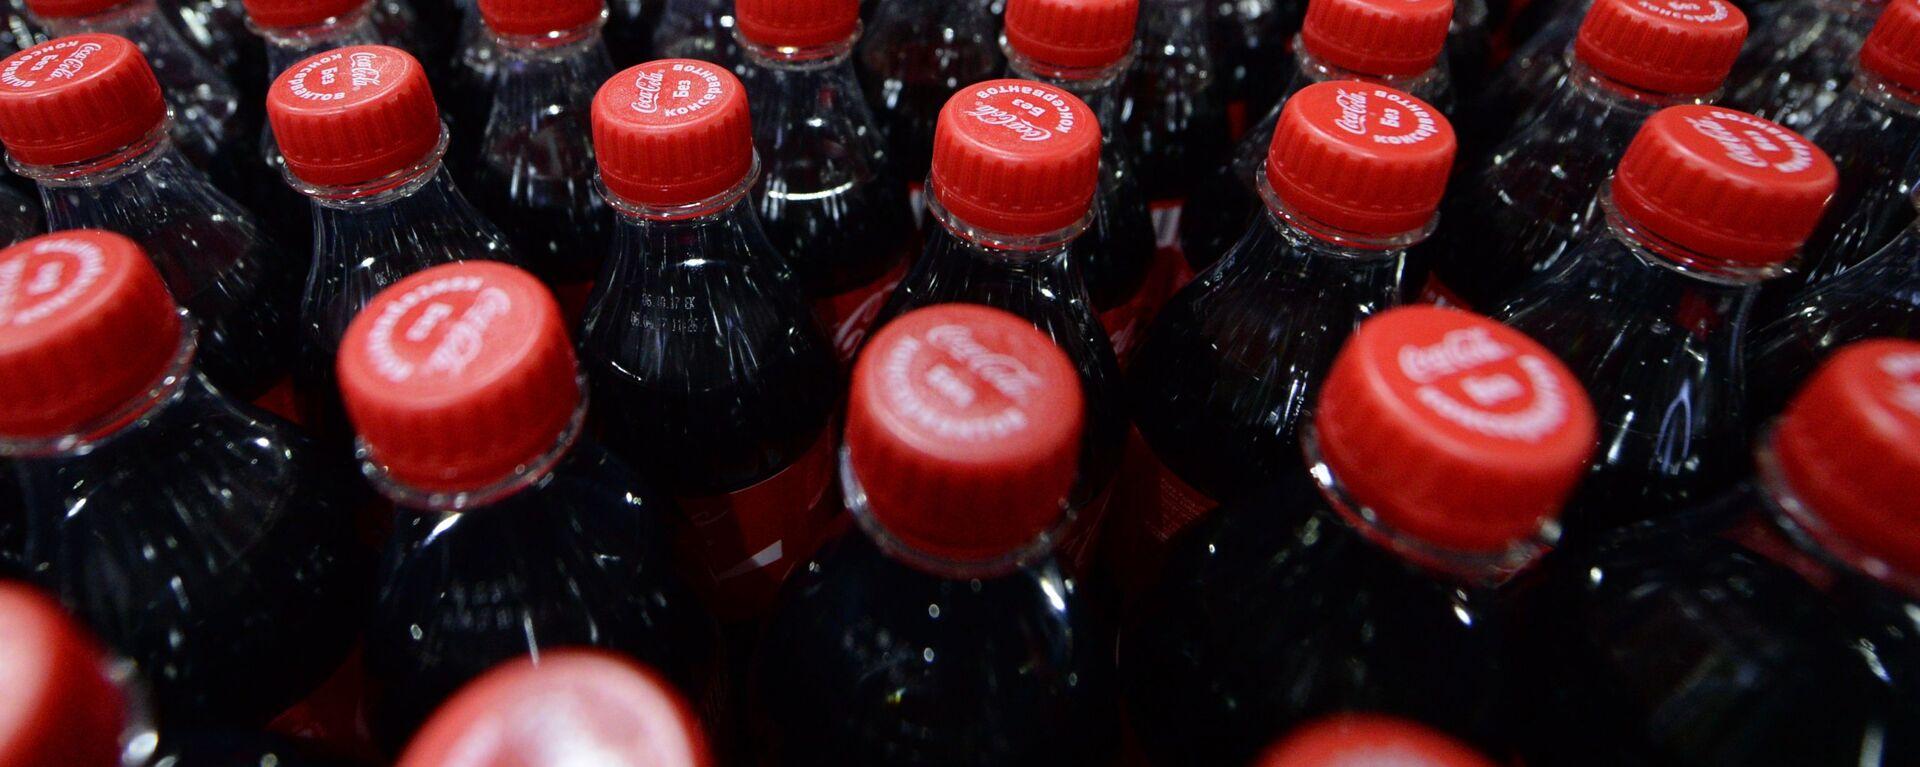 Продукция завода Coca-Cola HBC  - Sputnik Латвия, 1920, 31.07.2021